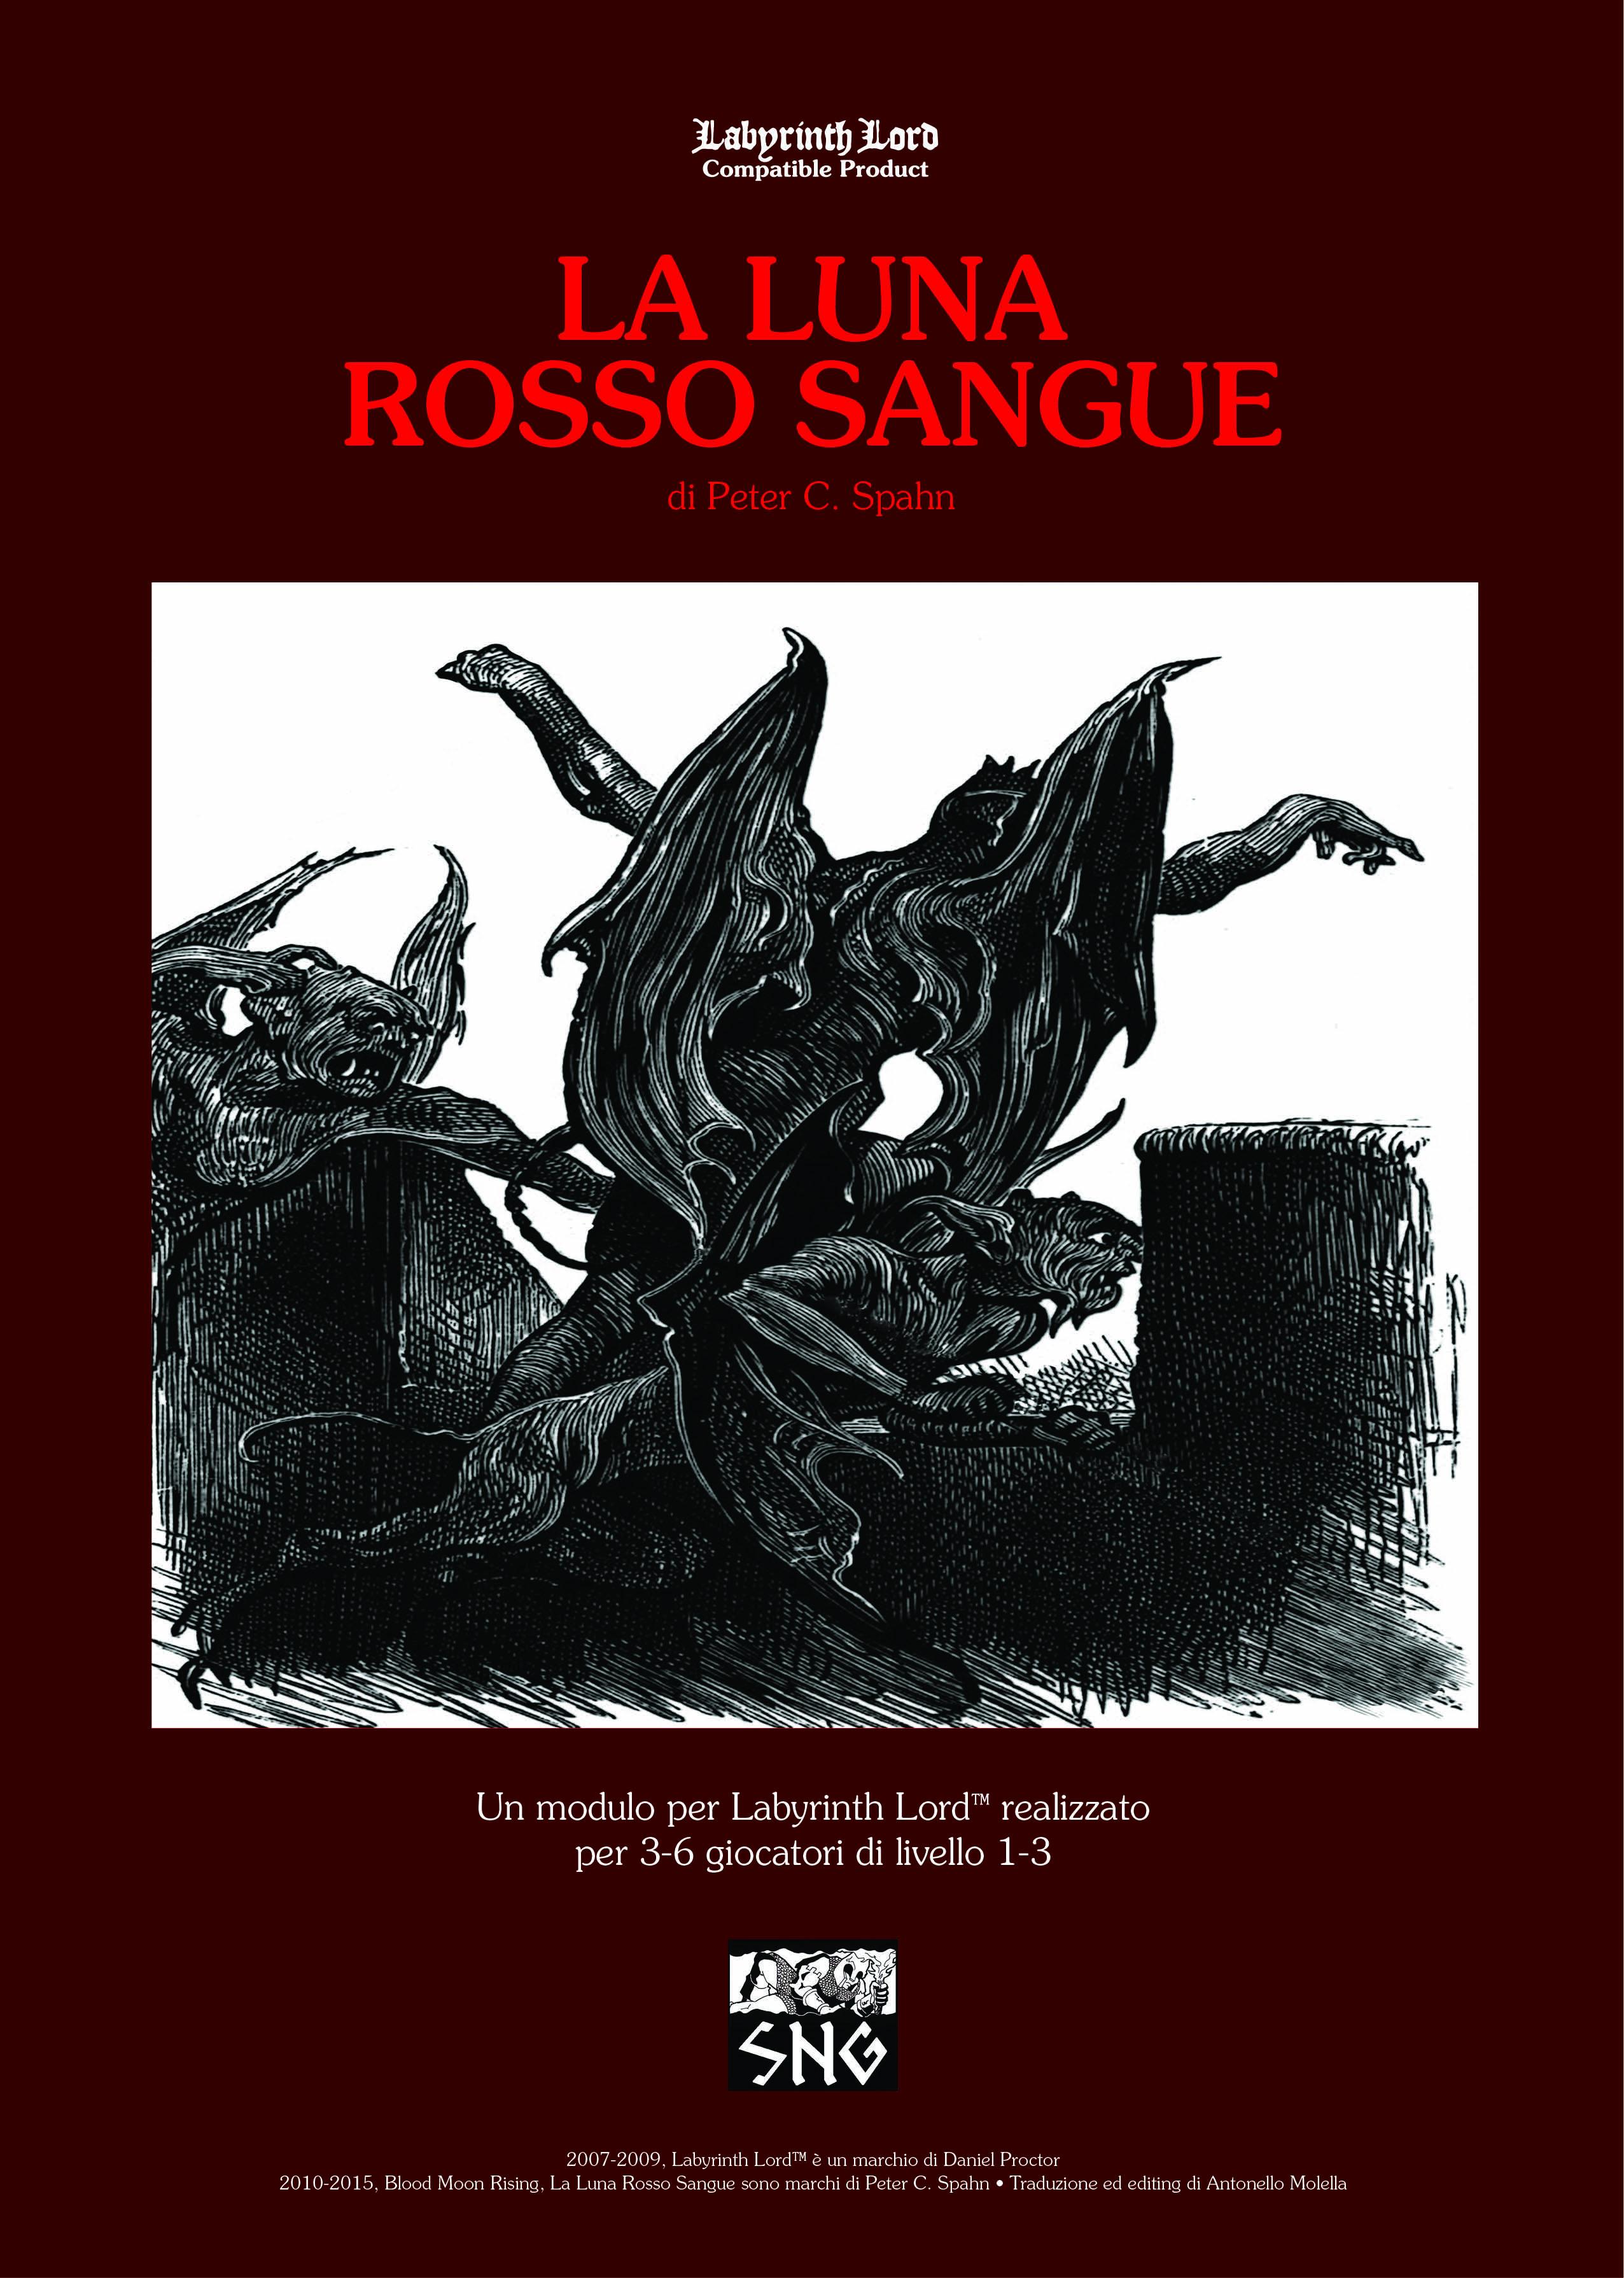 La Luna Rosso Sangue_ Cover v5